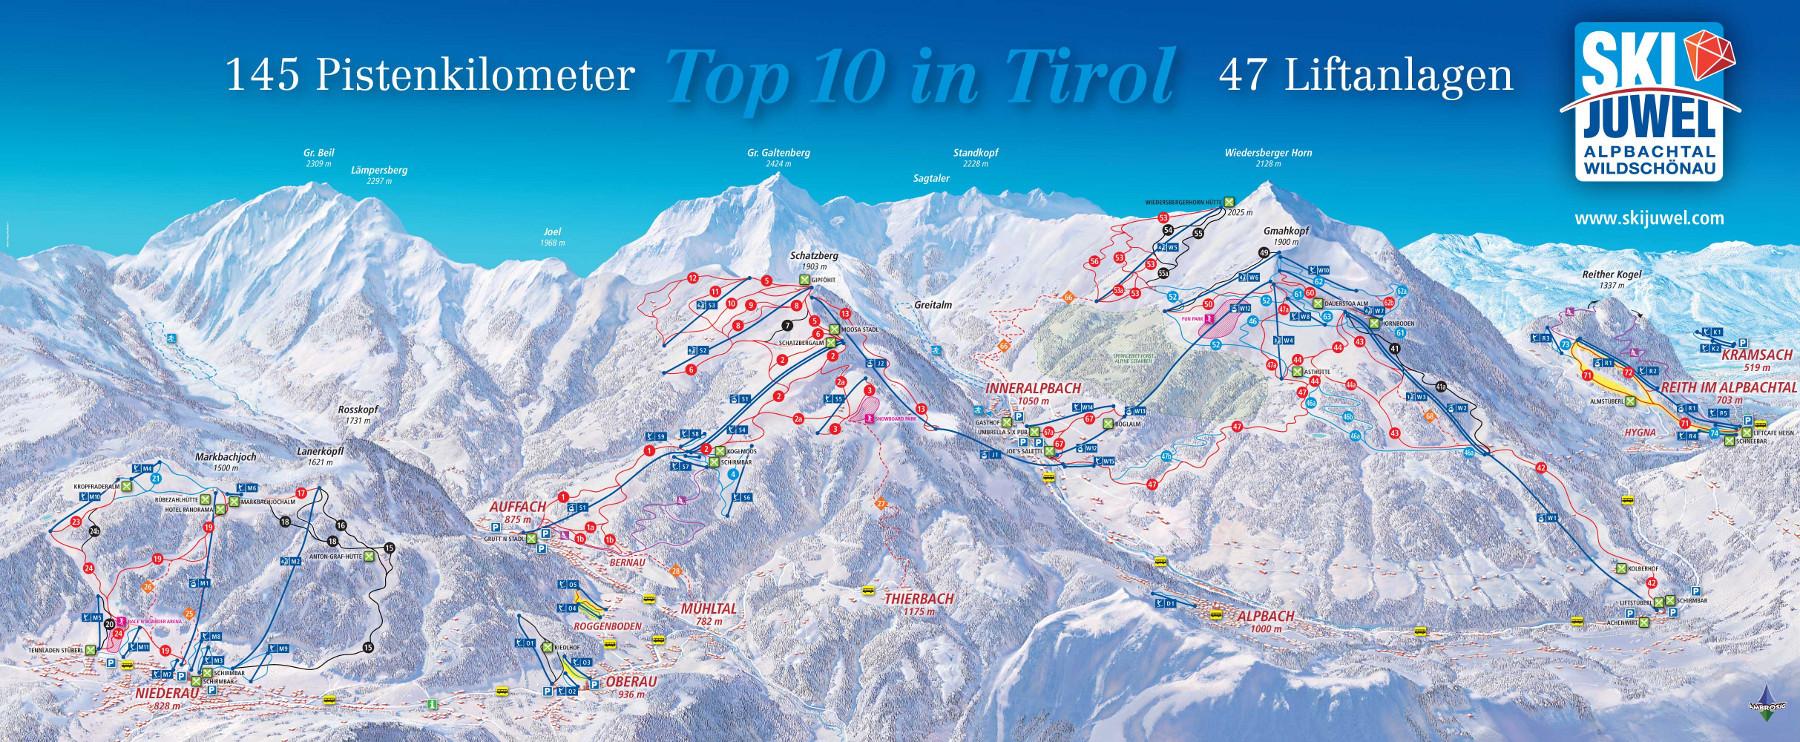 Lyžařská mapa sjezdovek areálu Ski Juwel Alpbachtal Wildschönau